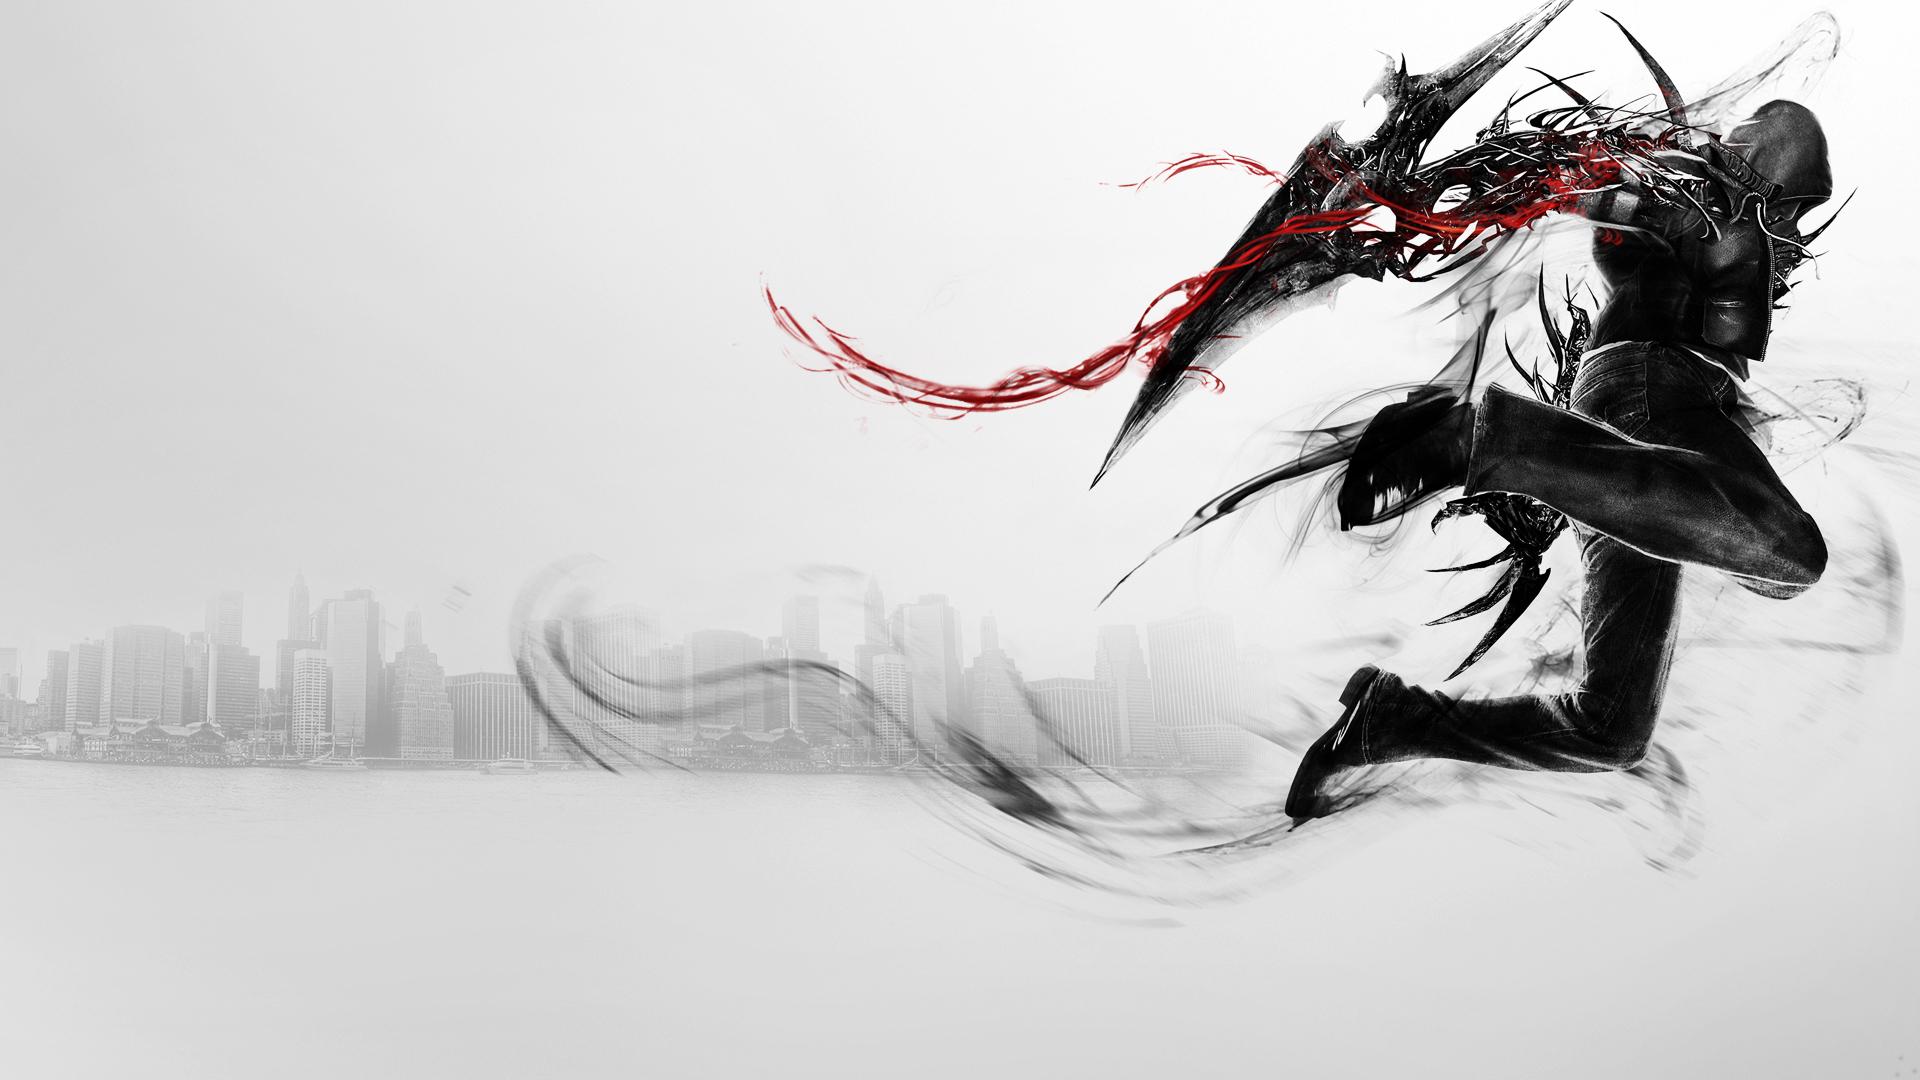 gamer wallpaper art d5aomlw - photo #39